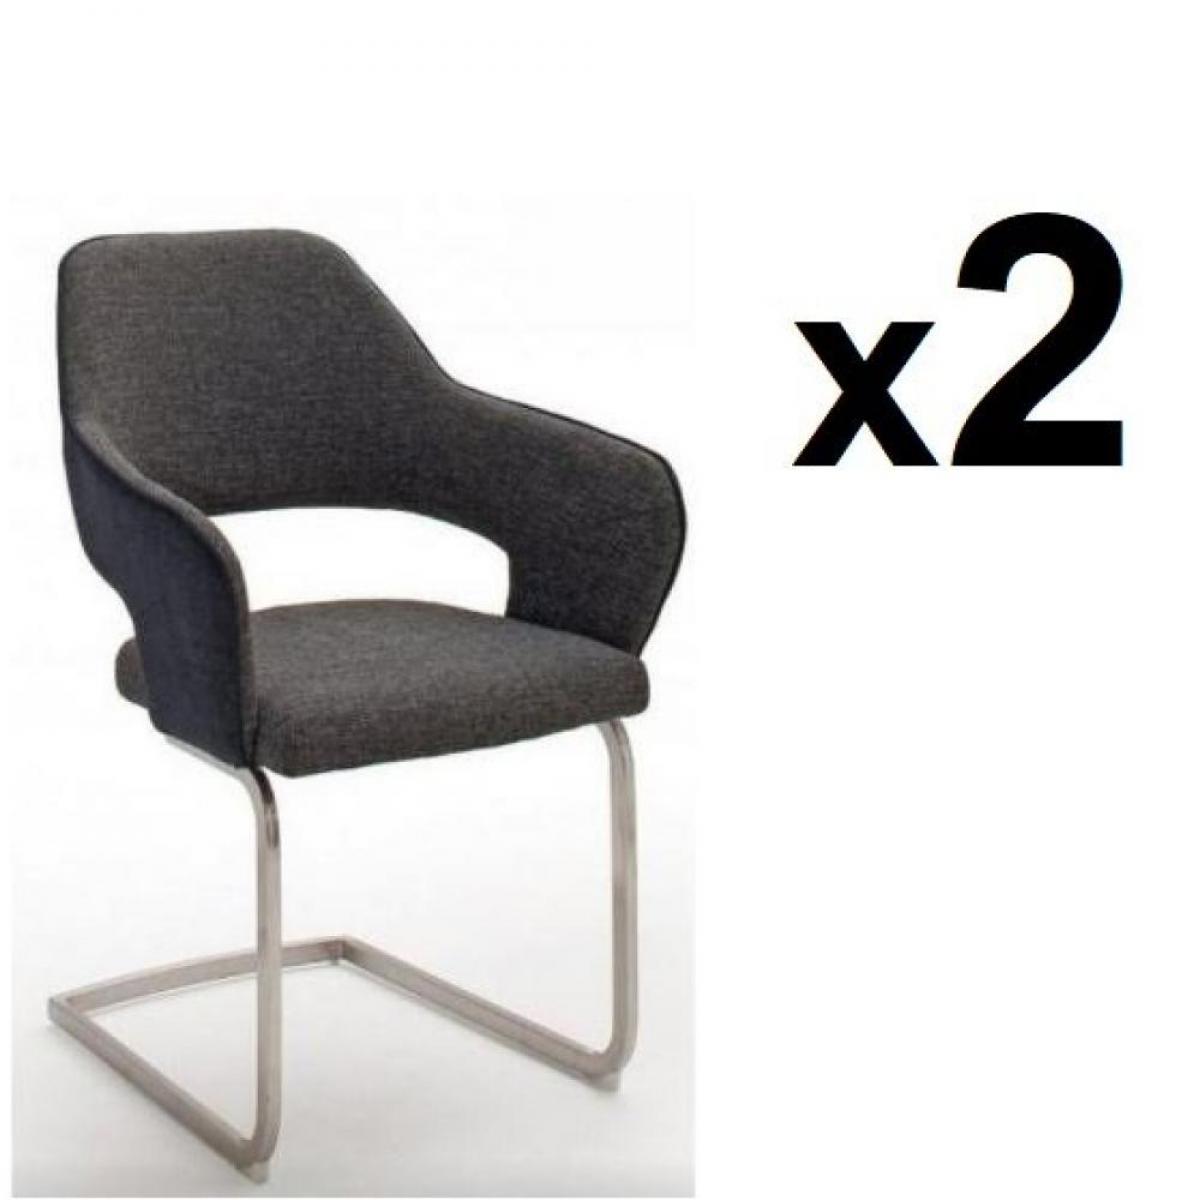 Inside 75 Lot de 2 chaises design NABAS tissu anthracite pieds luge acier brossé